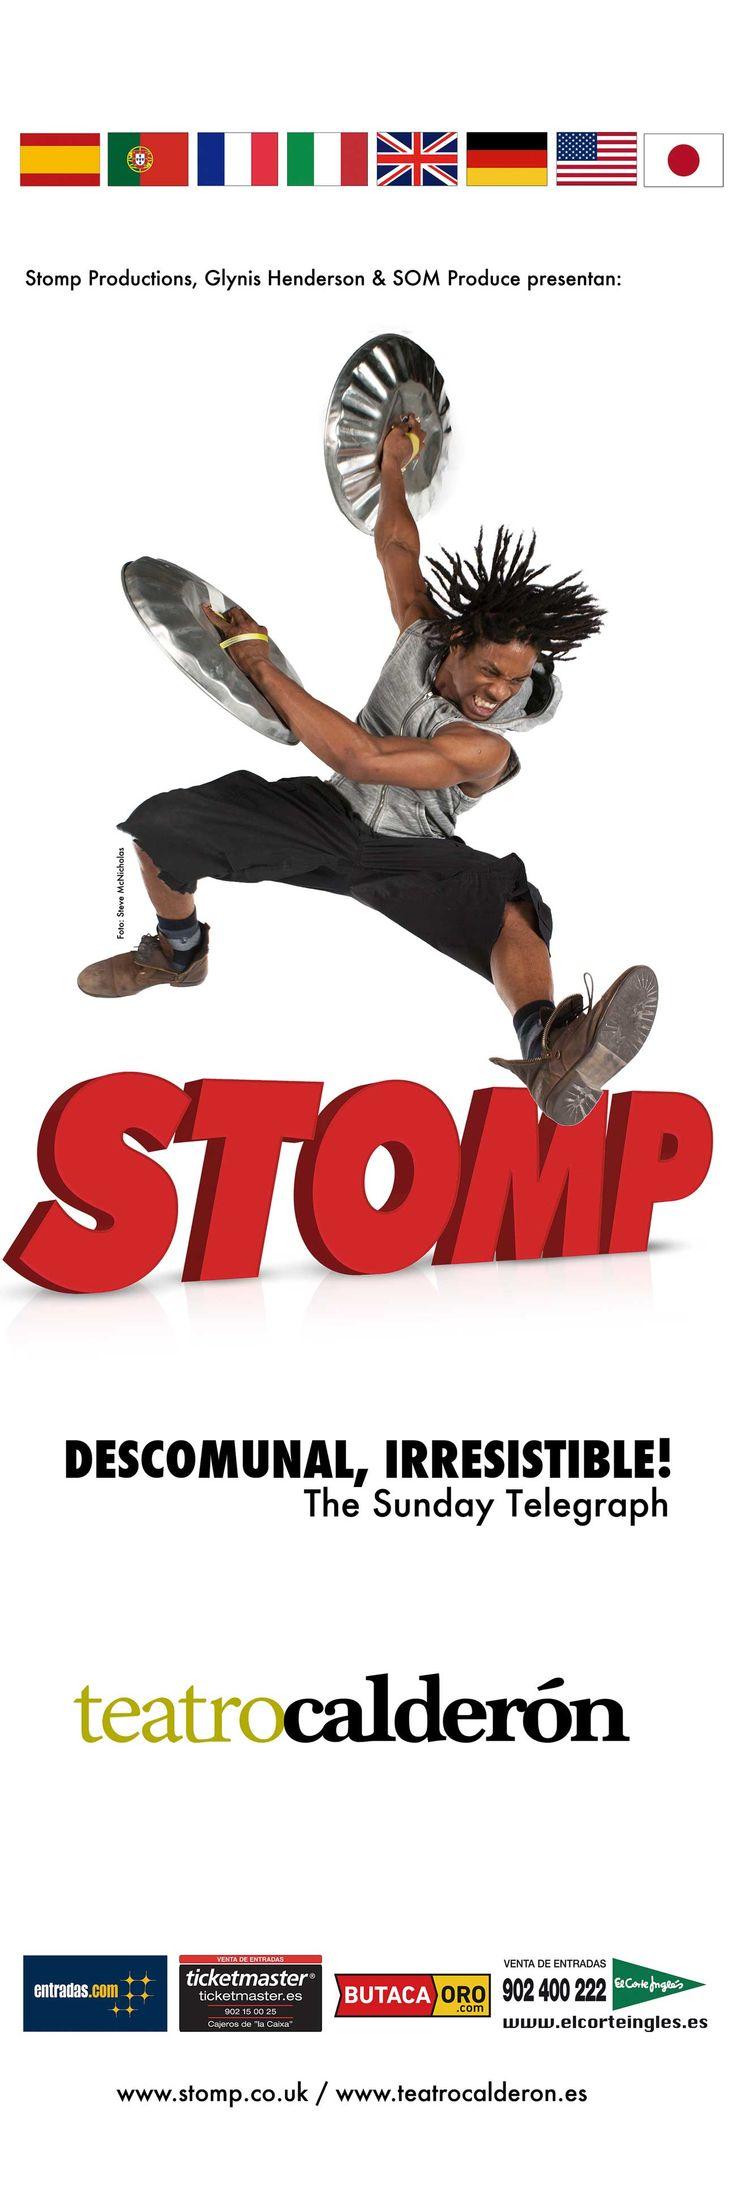 """Campaña de publicidad en quioscos de Madrid de la obra """"Stomp"""" la cual tendrá lugar en el Teatro Calderón a partir del 18 de agosto de 2015."""